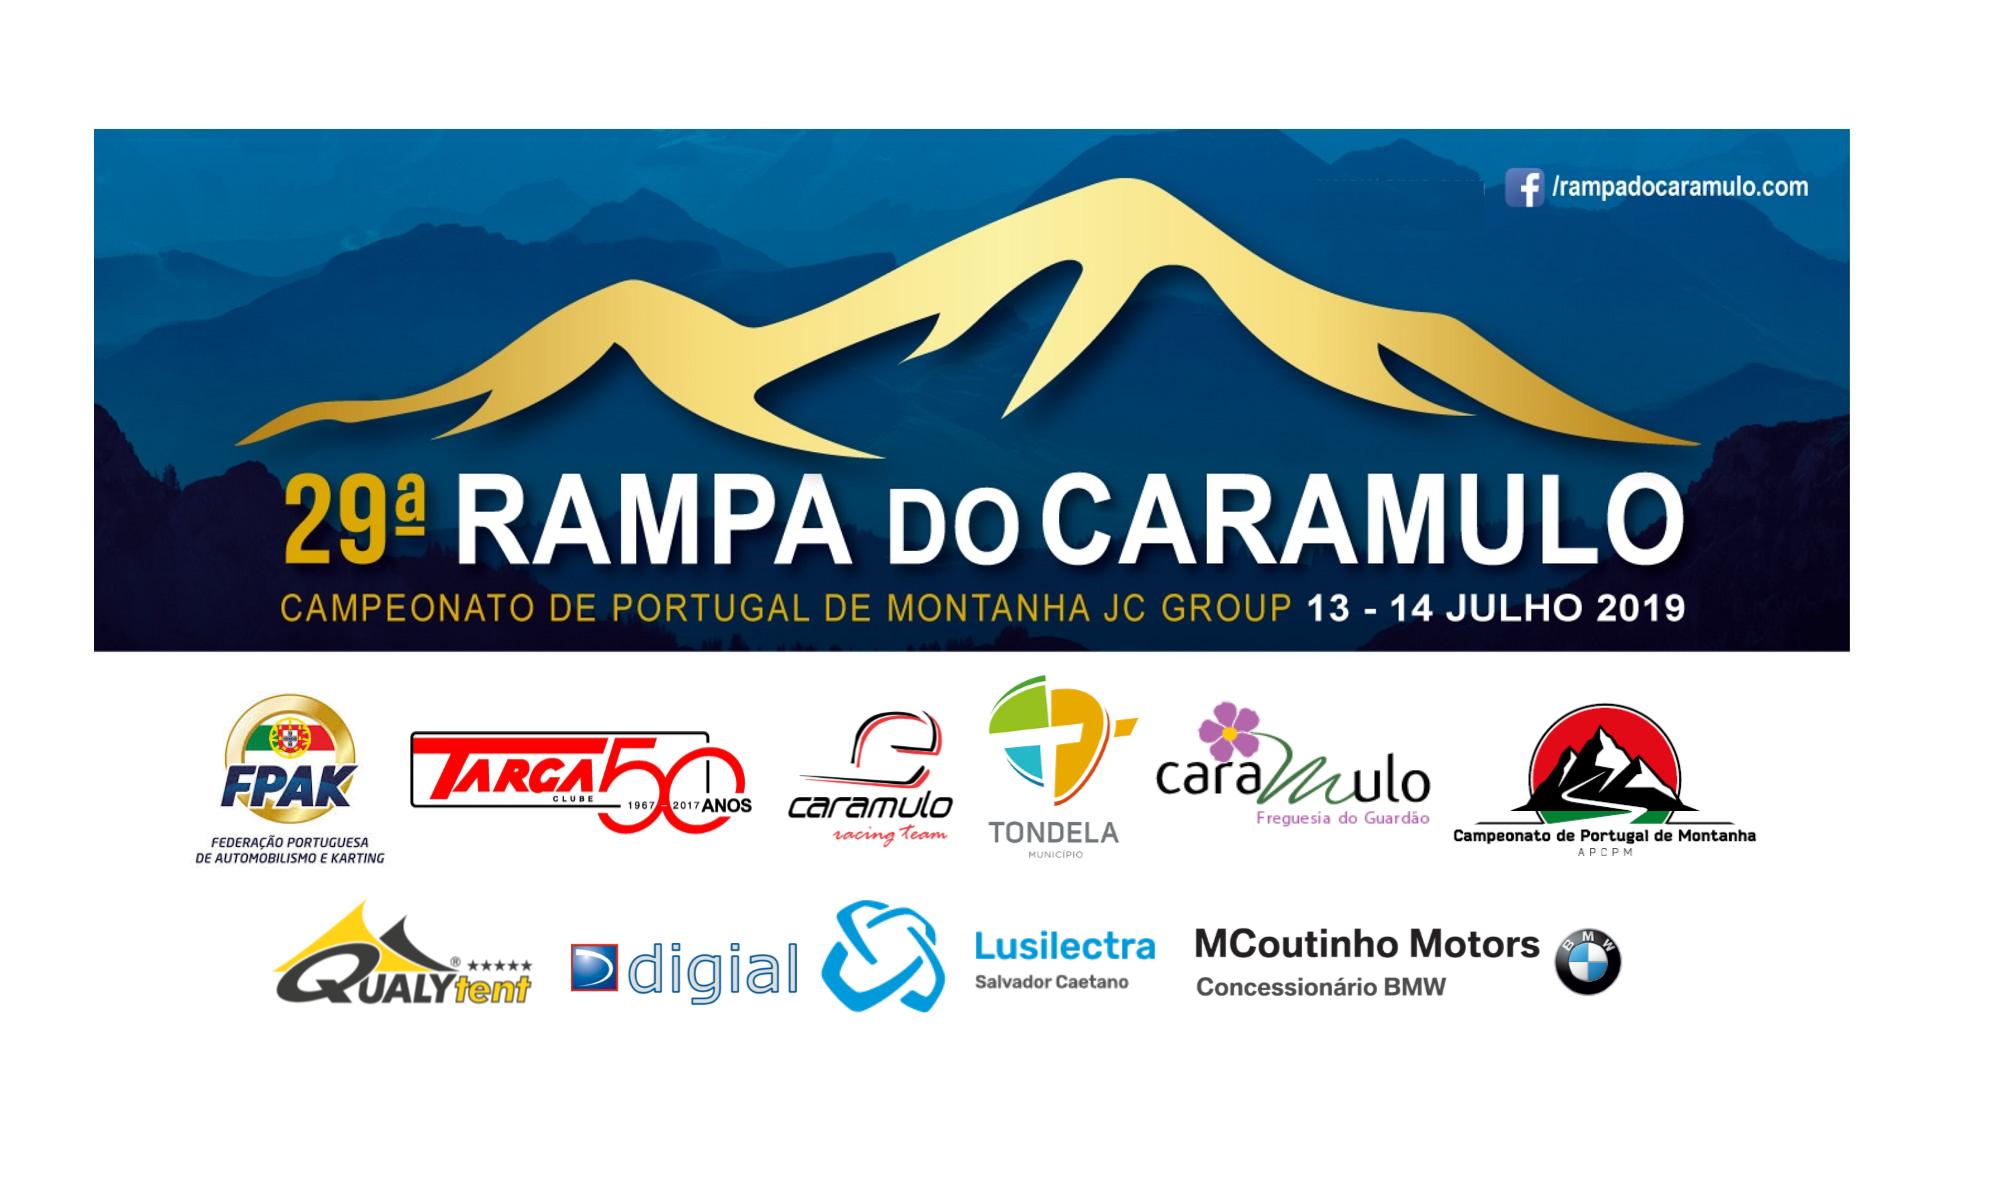 Rampa do Caramulo -  13 e 14 julho 2019